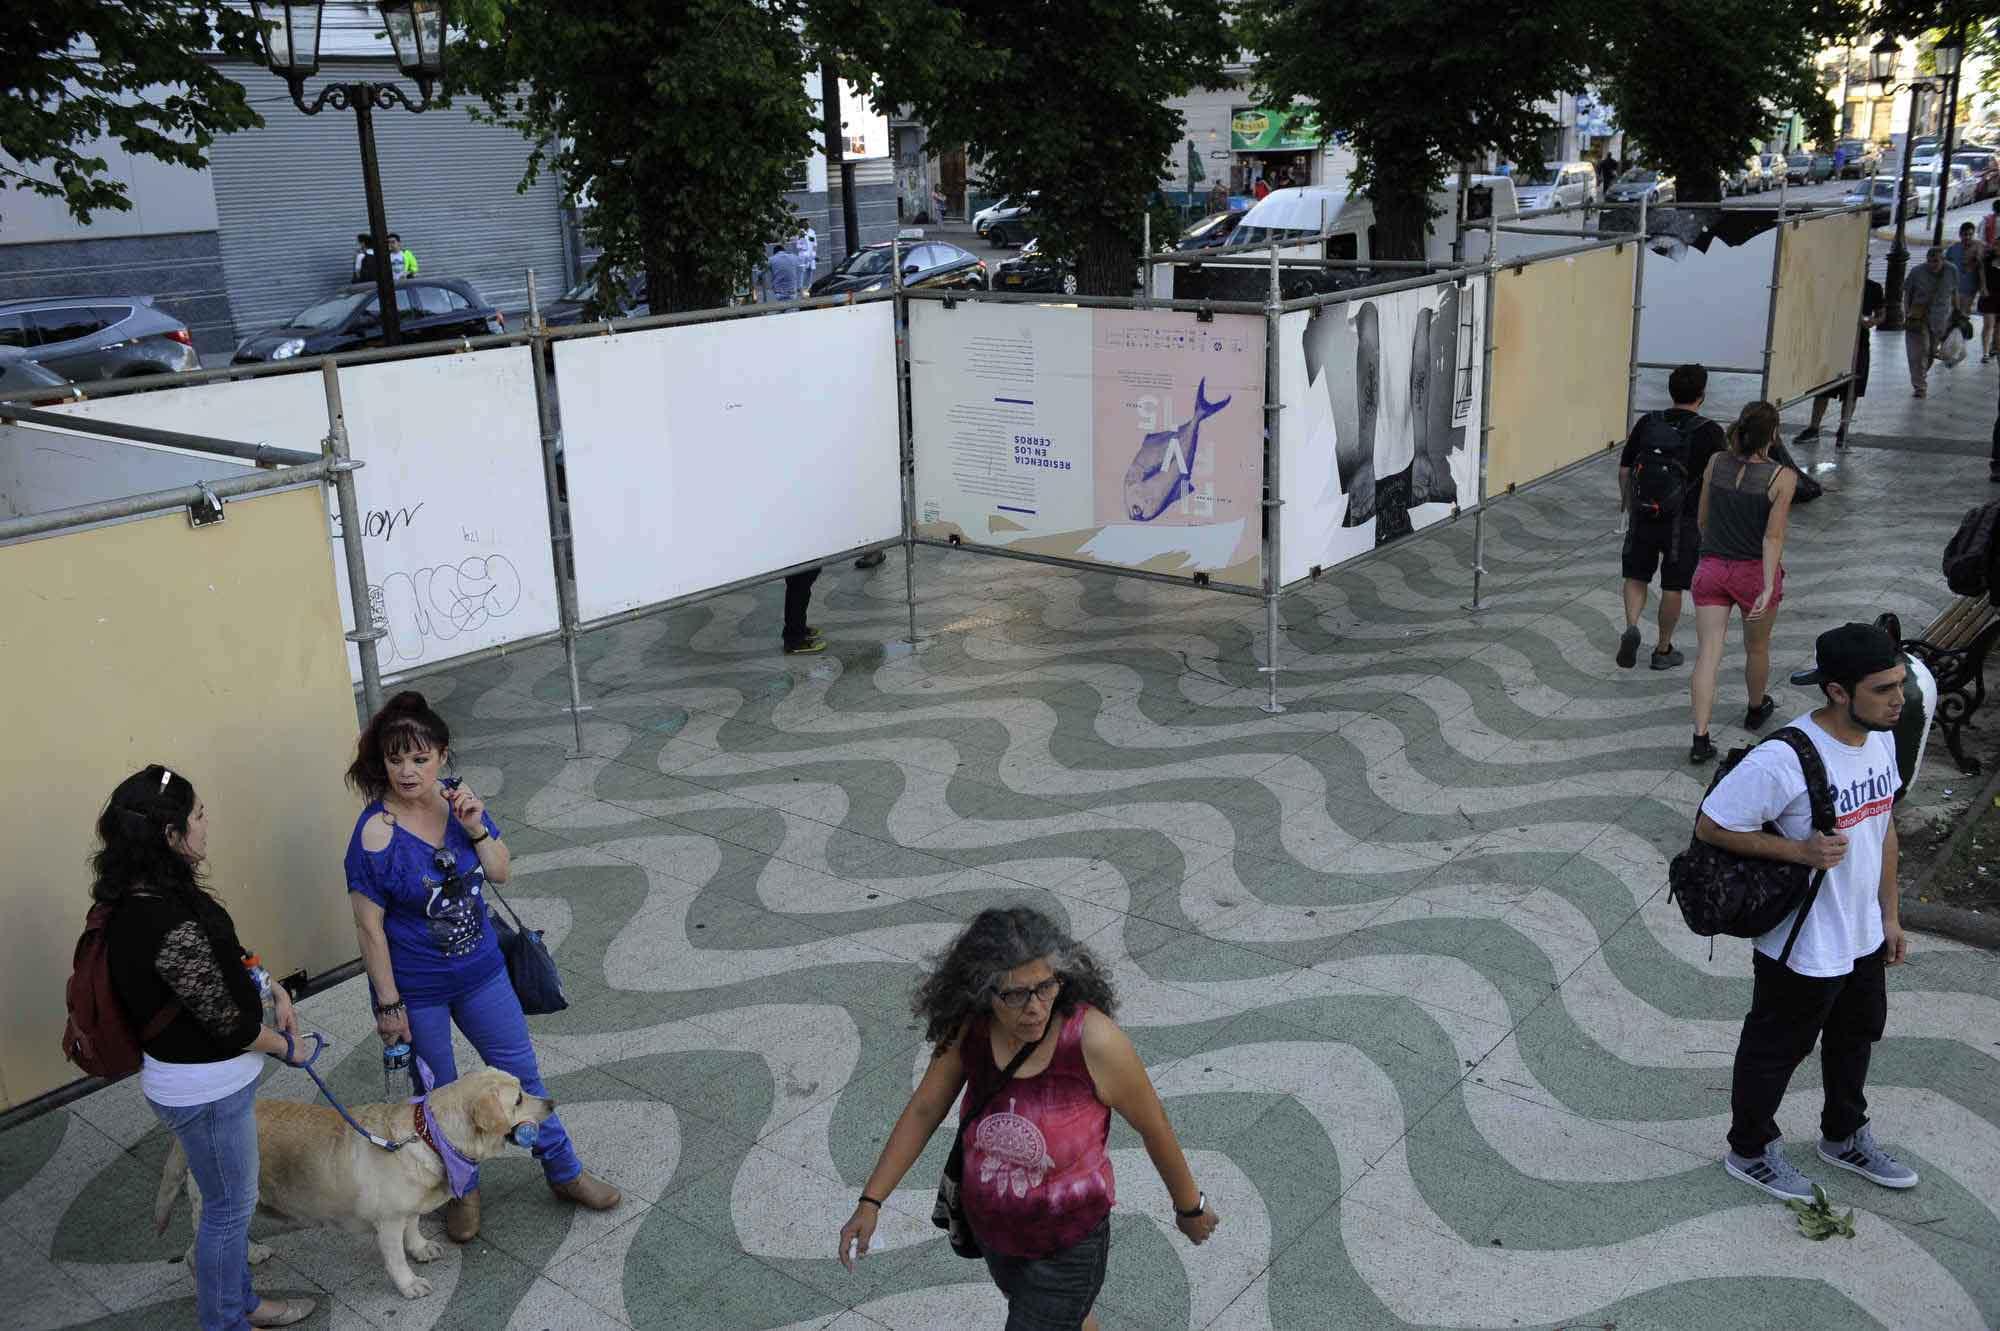 Paneles de madera son limpiados para la próxima exposición en Plaza Víctoria, FIFV 2016. ©Victor Ruiz Caballero